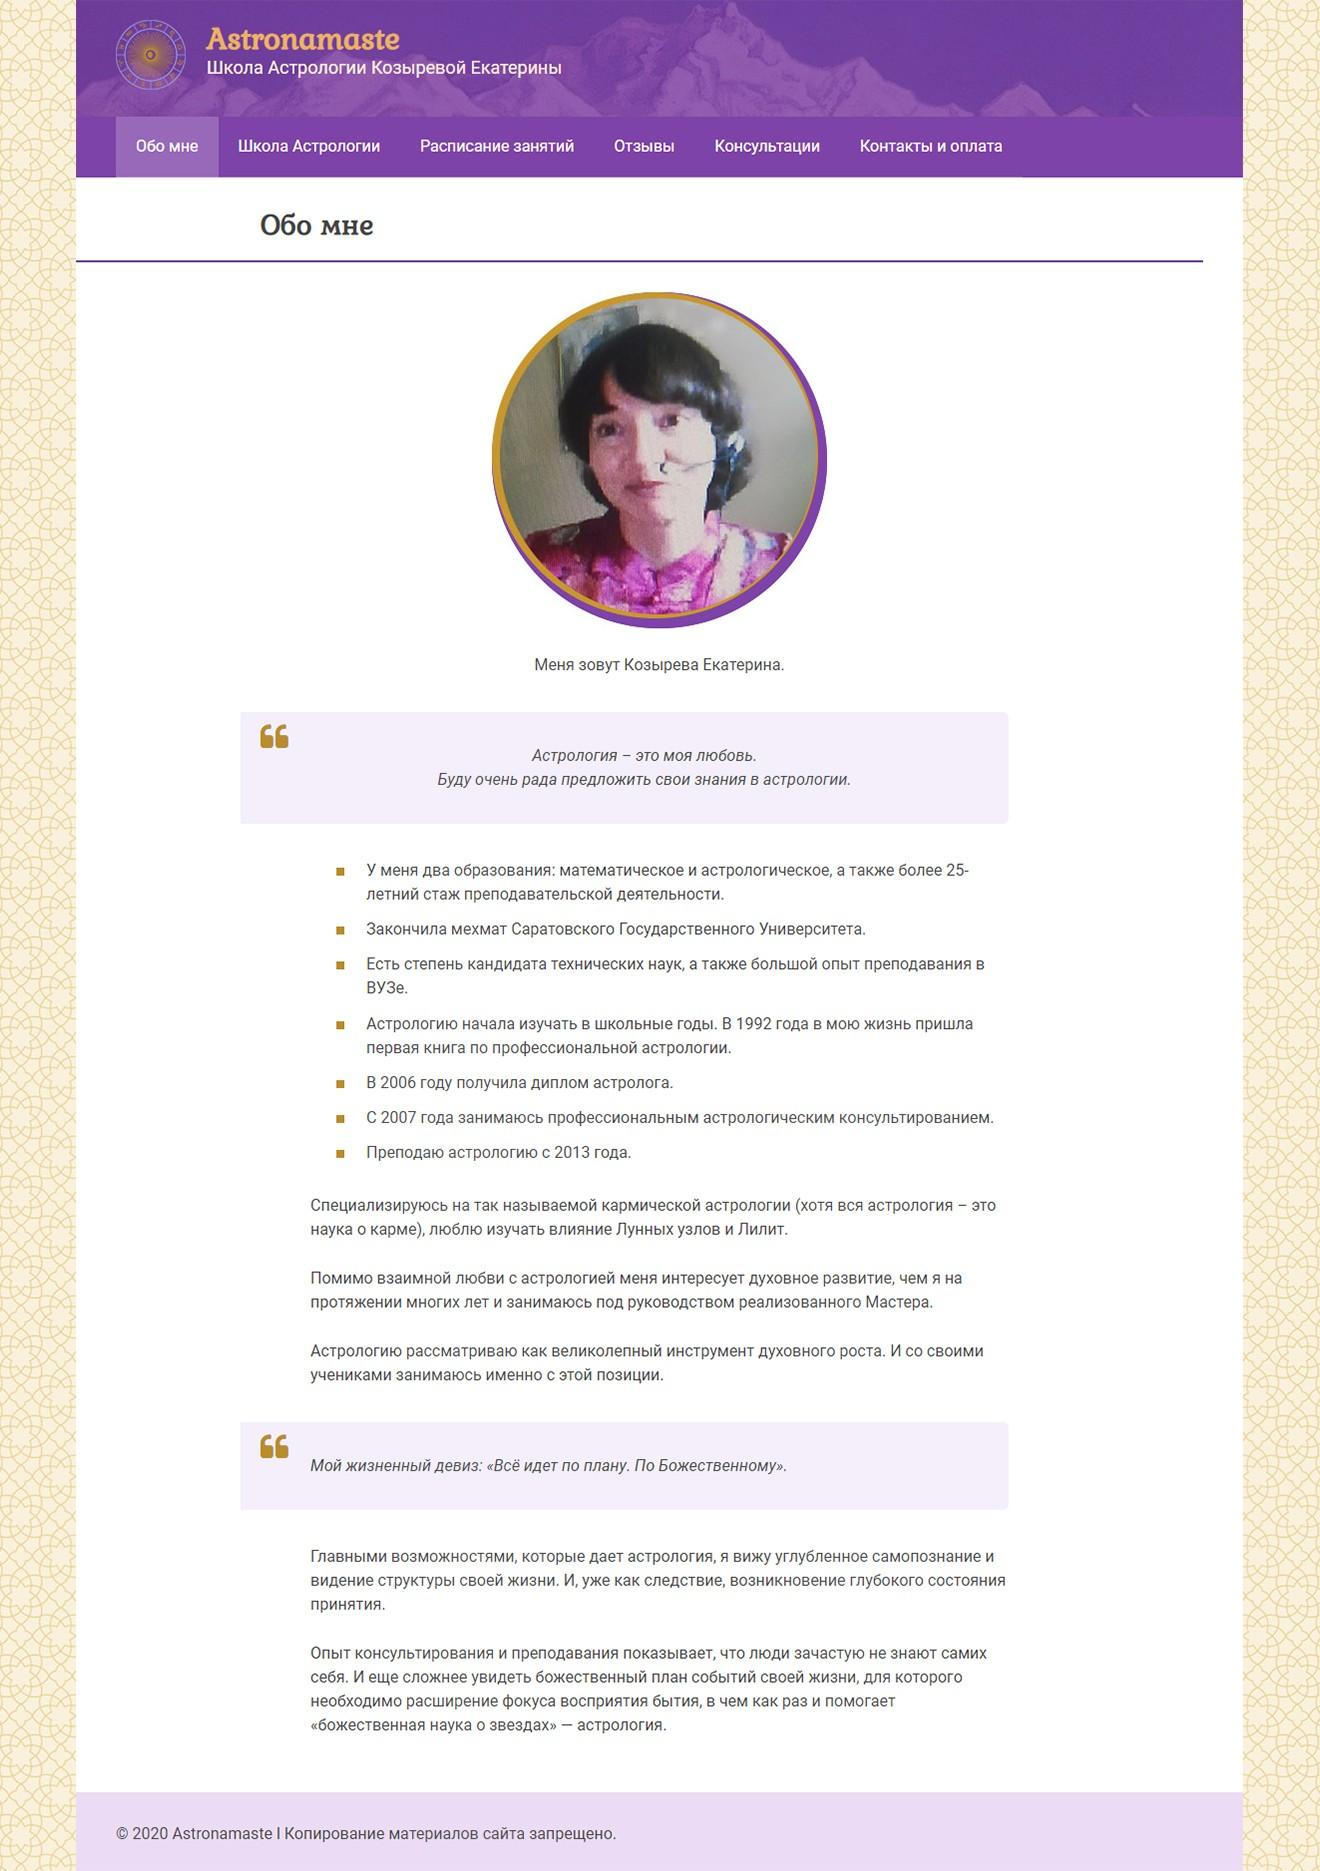 Кейс сайта по астрологии